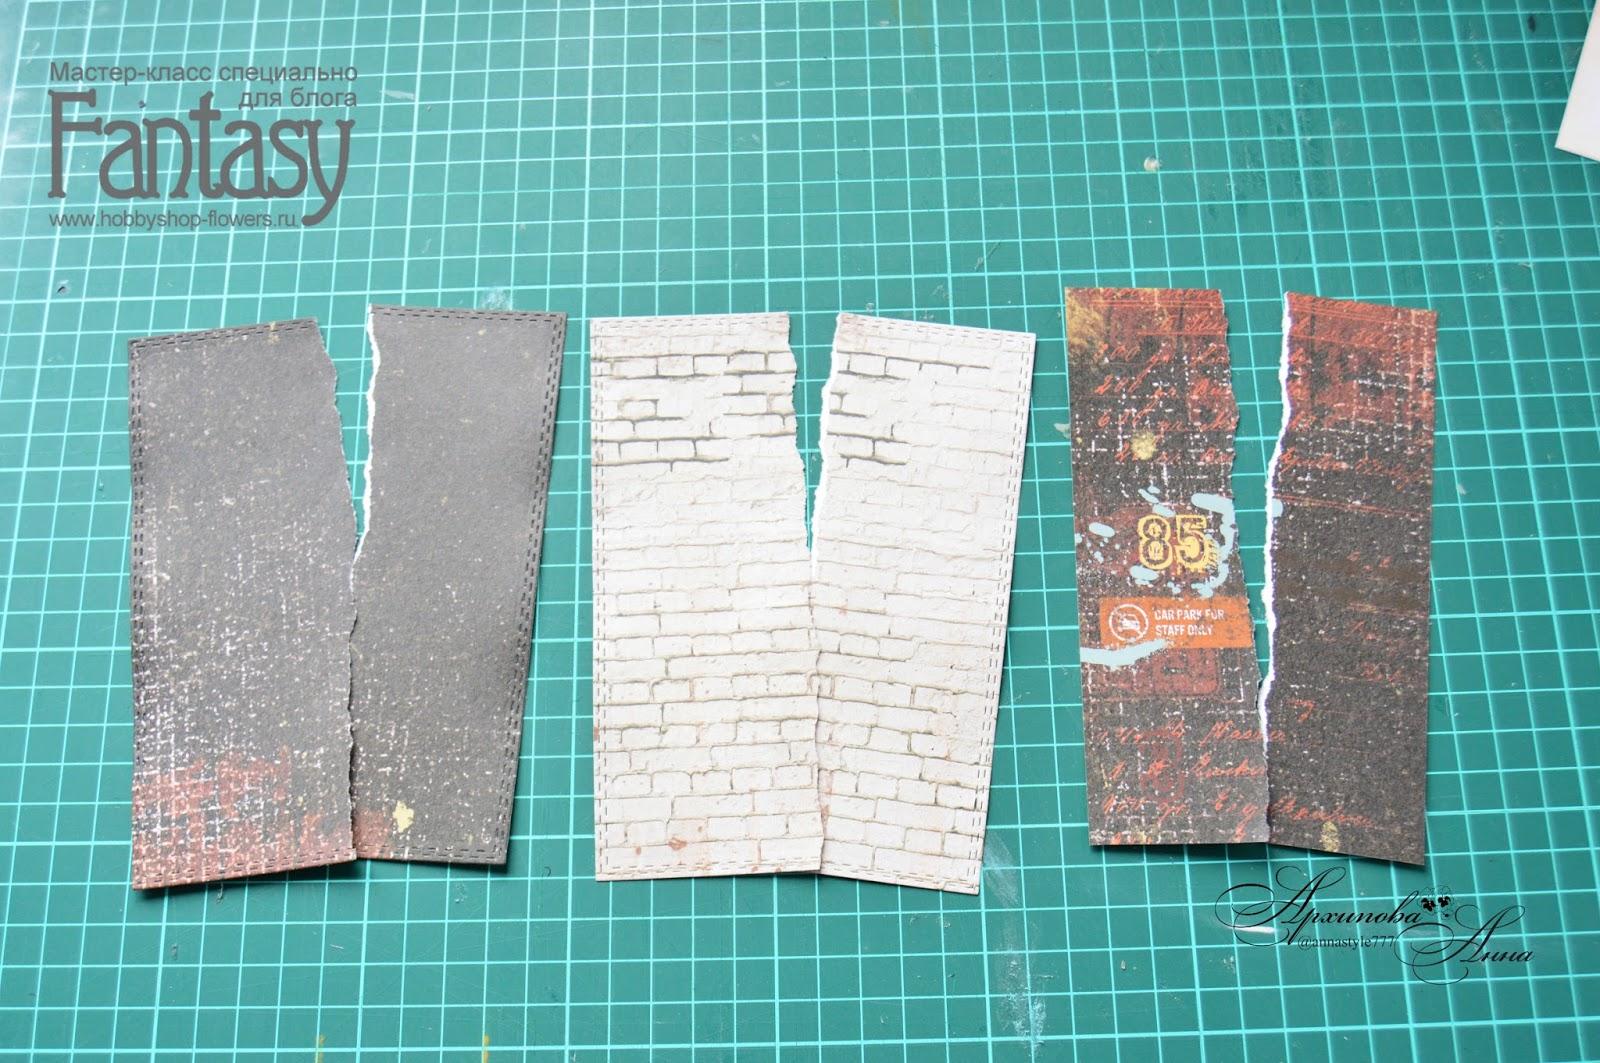 соединяющие из чего делать основу для открытки ремонту, эксплуатации техническому